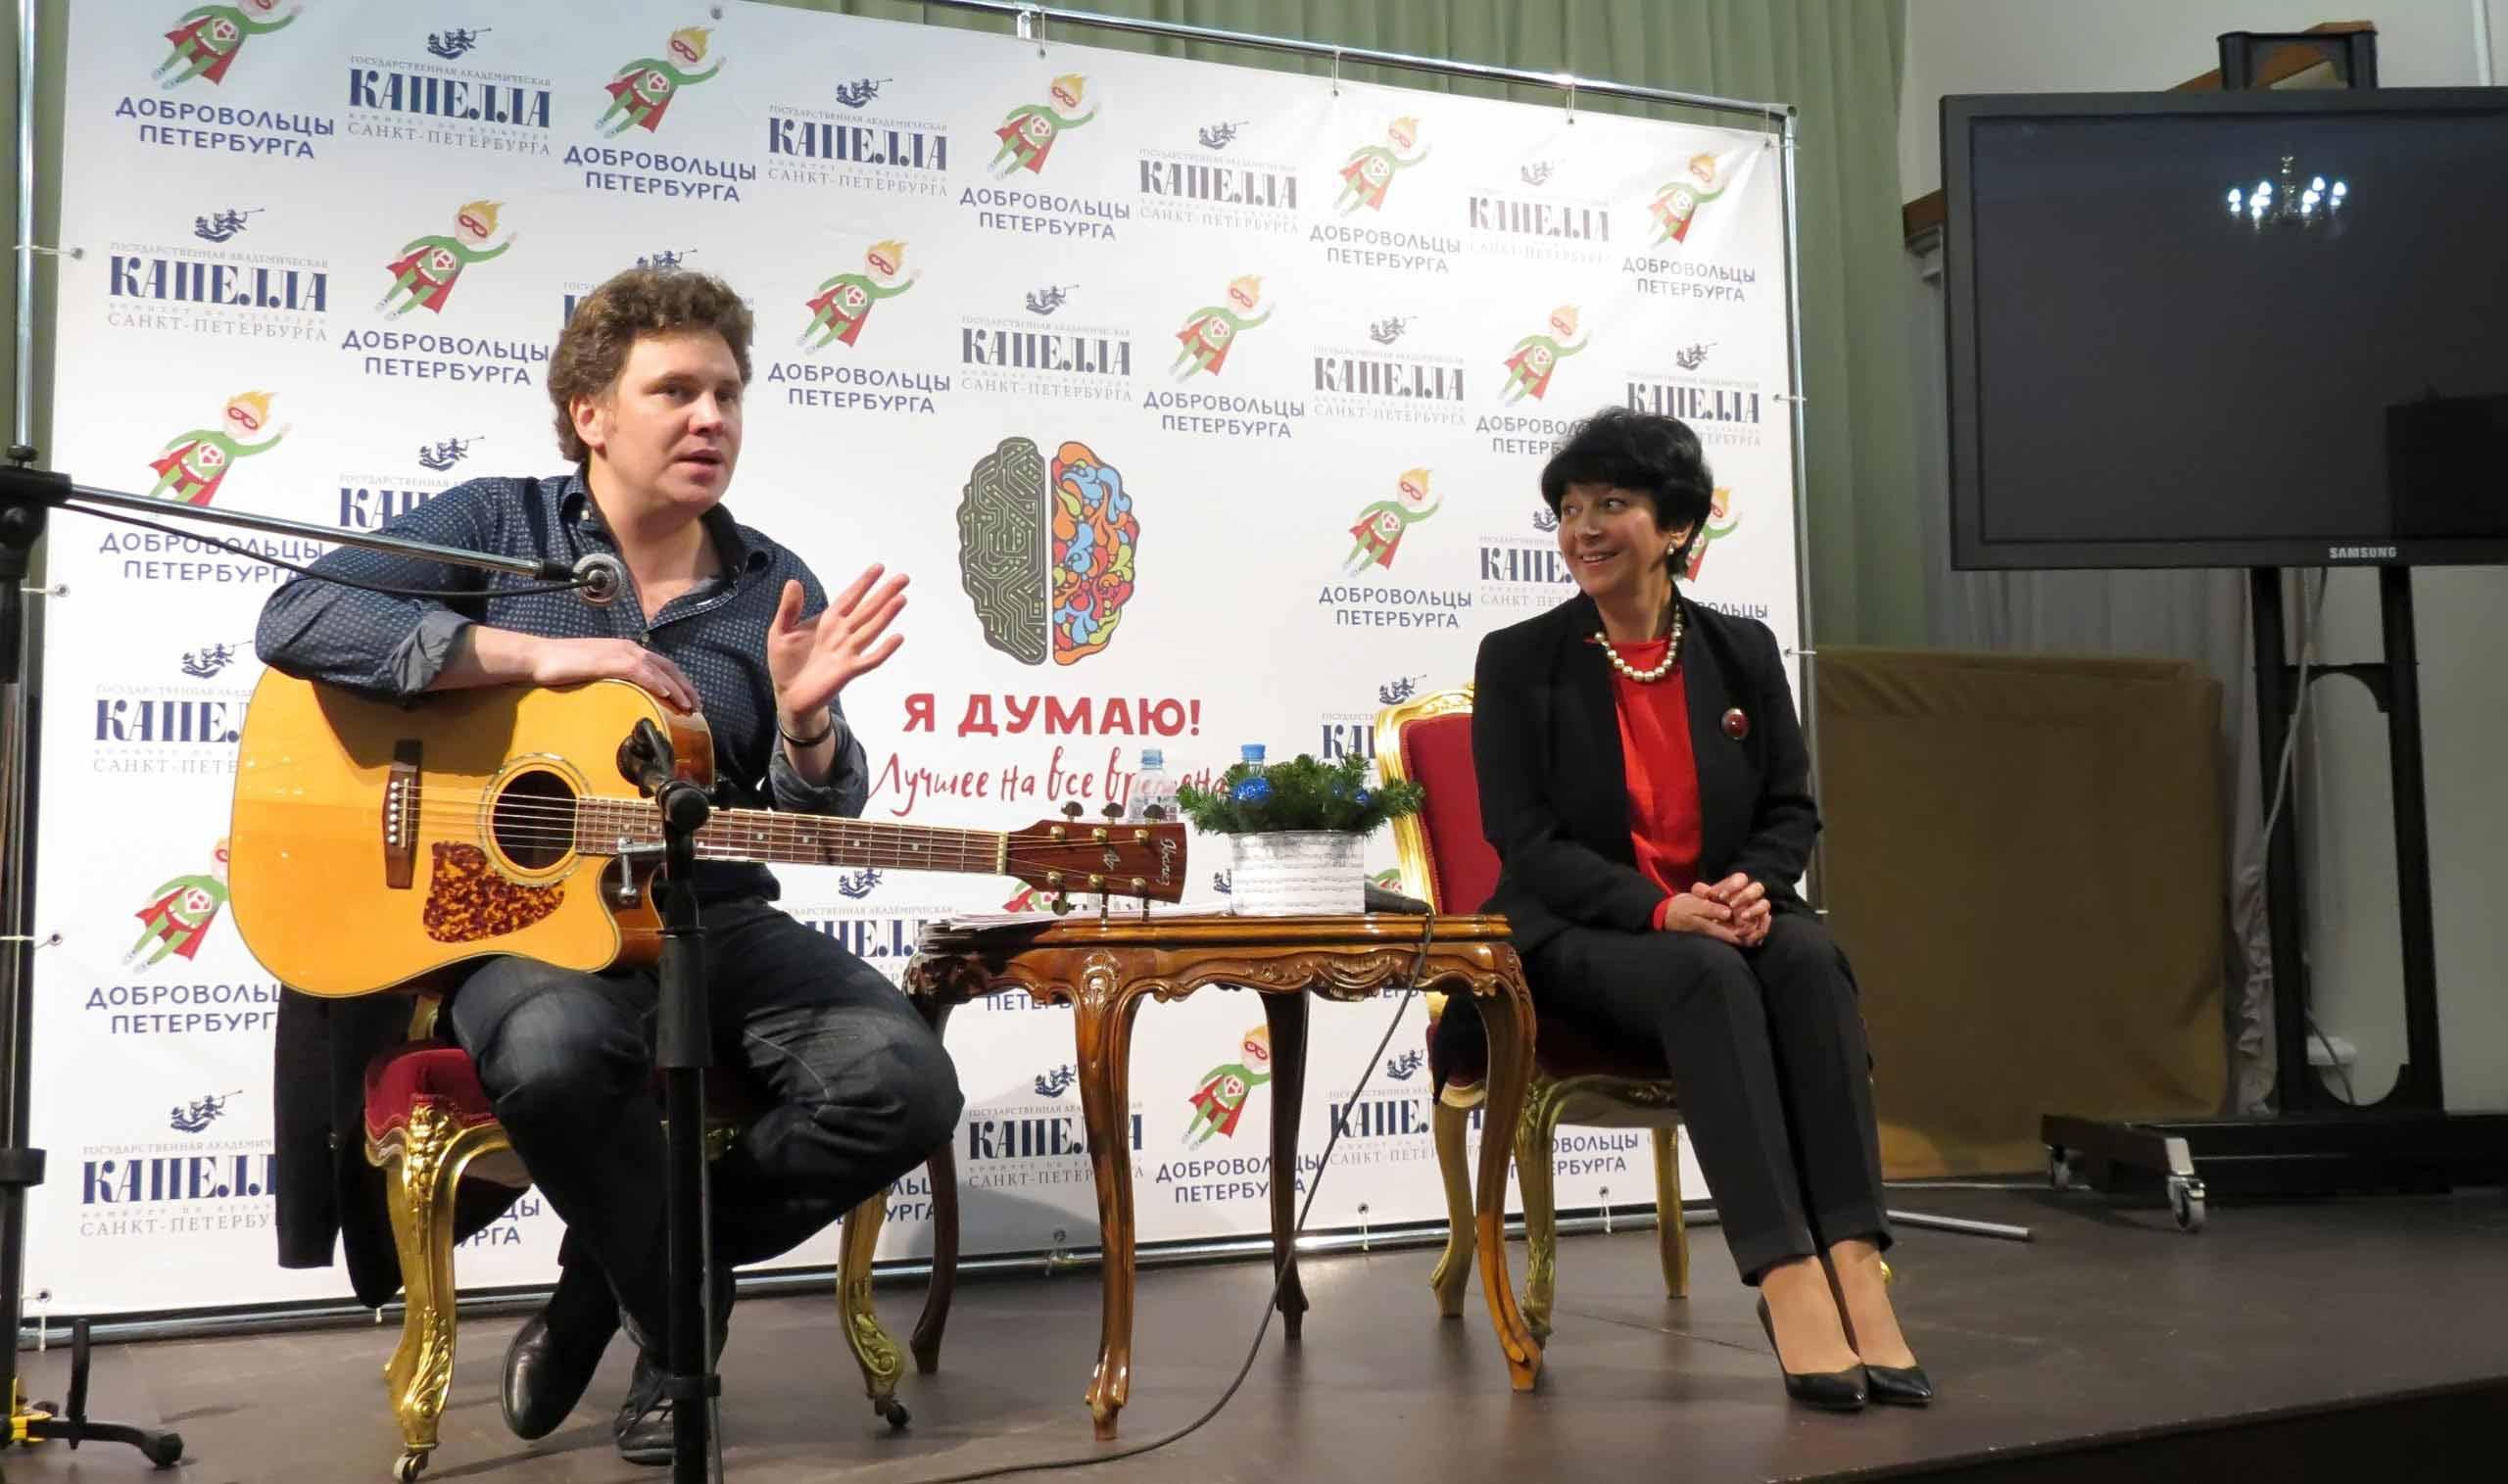 Марина Ланда и Сергей Васильев на встрече «Я думаю!»